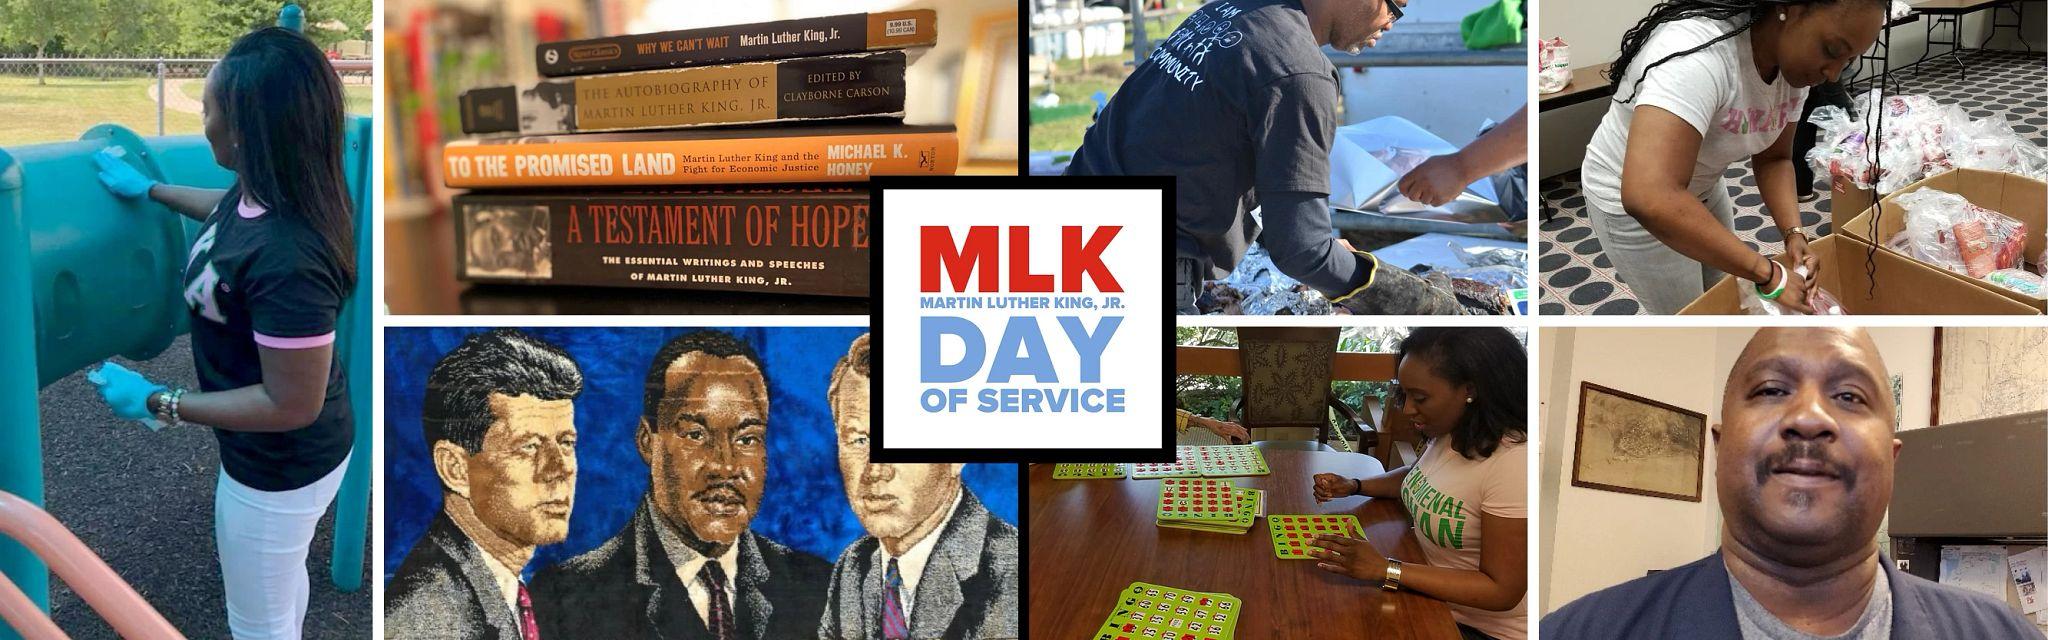 20-0020_003_MLK Day Story Main Story banner.jpg